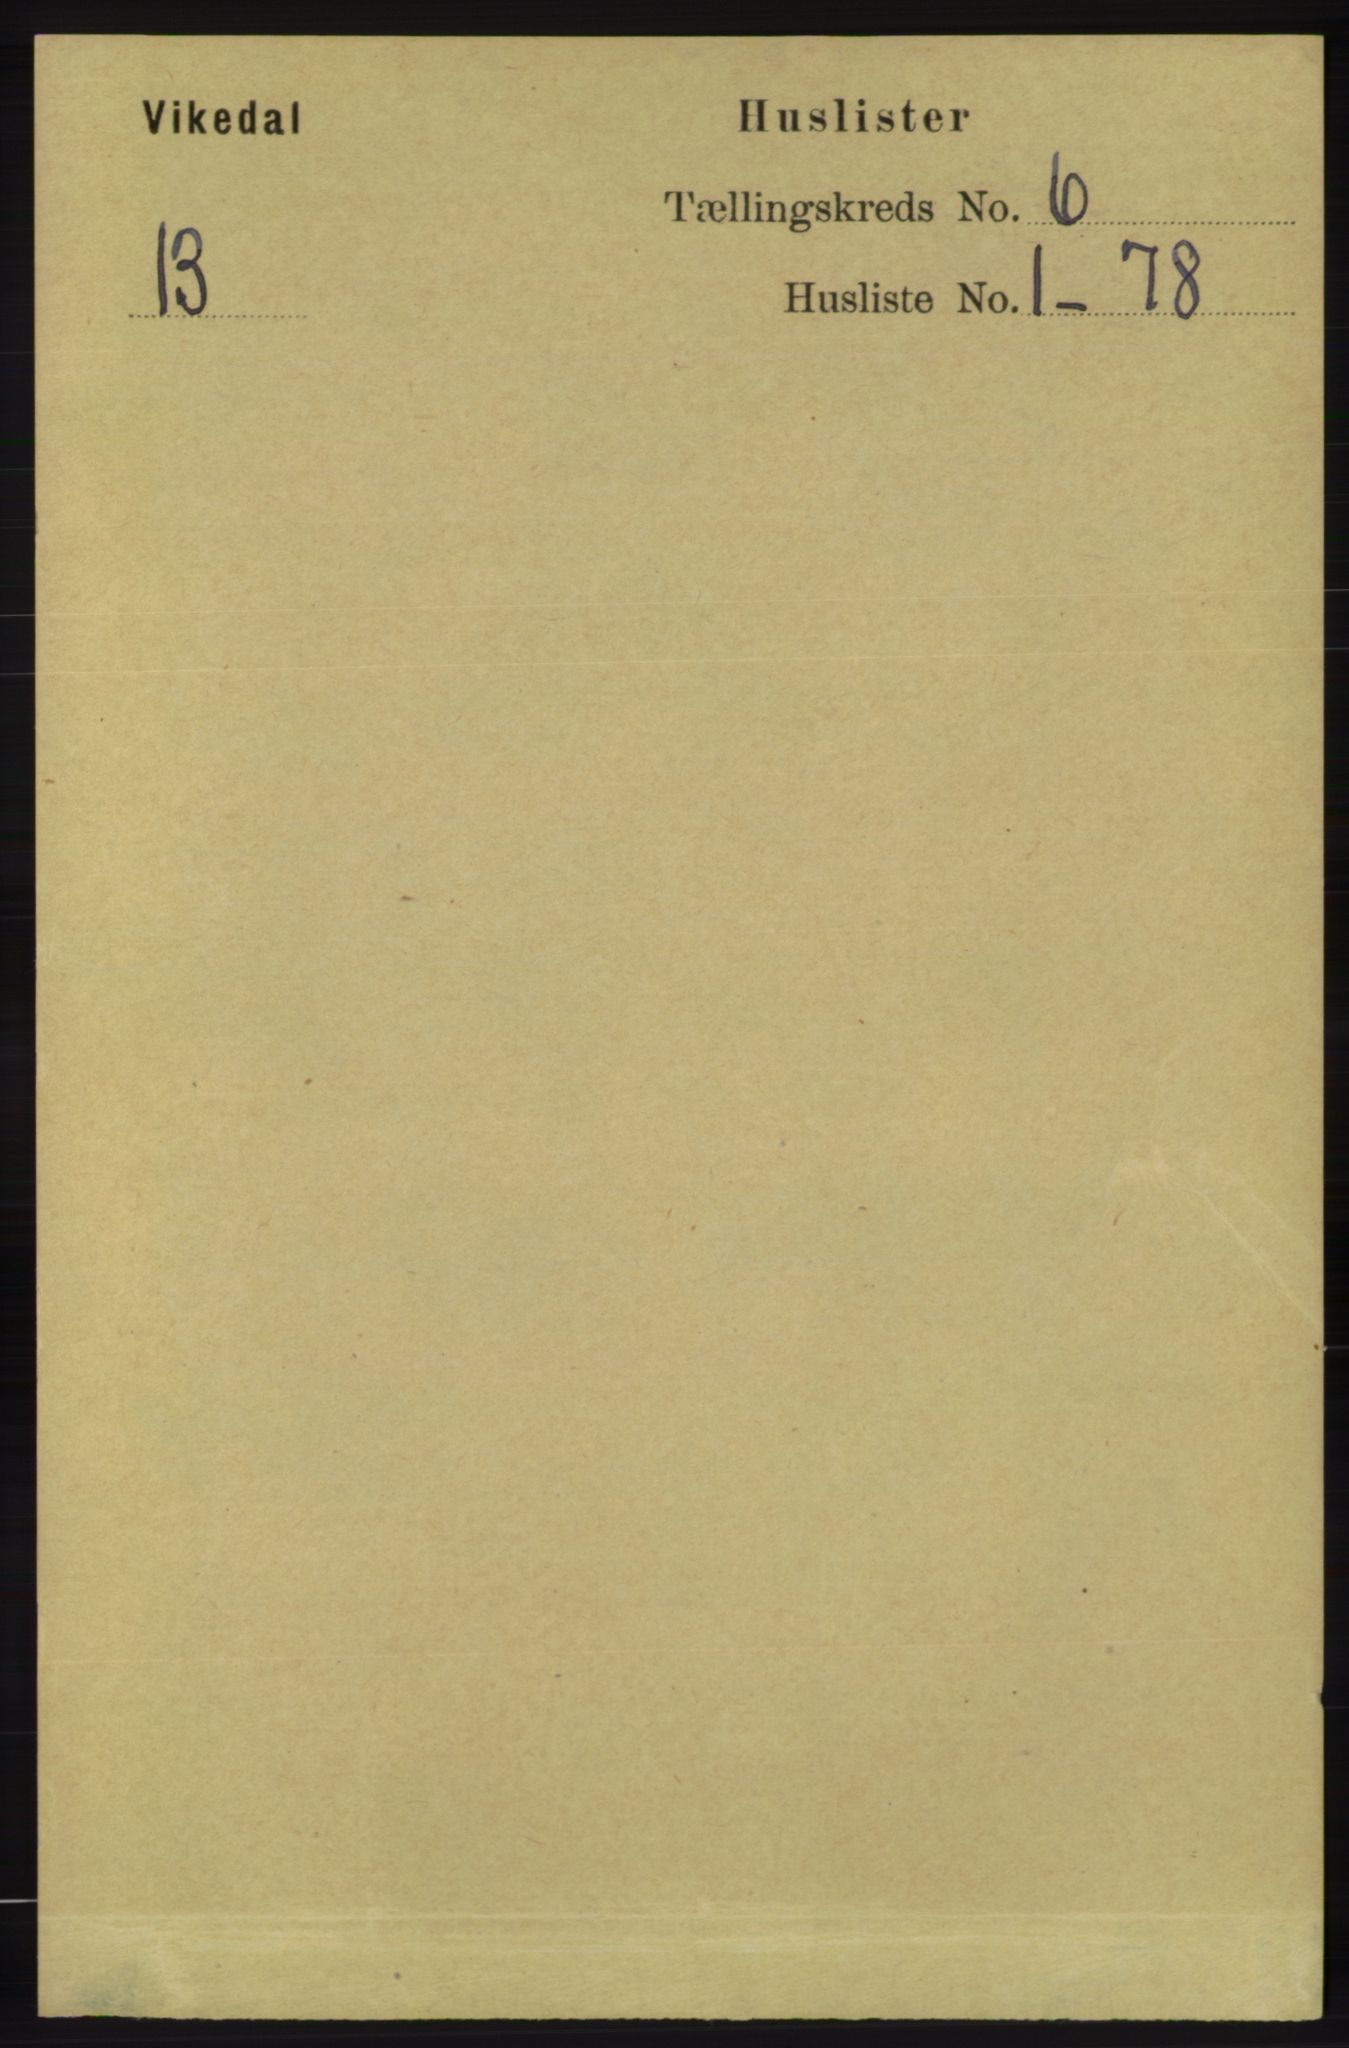 RA, Folketelling 1891 for 1157 Vikedal herred, 1891, s. 1490